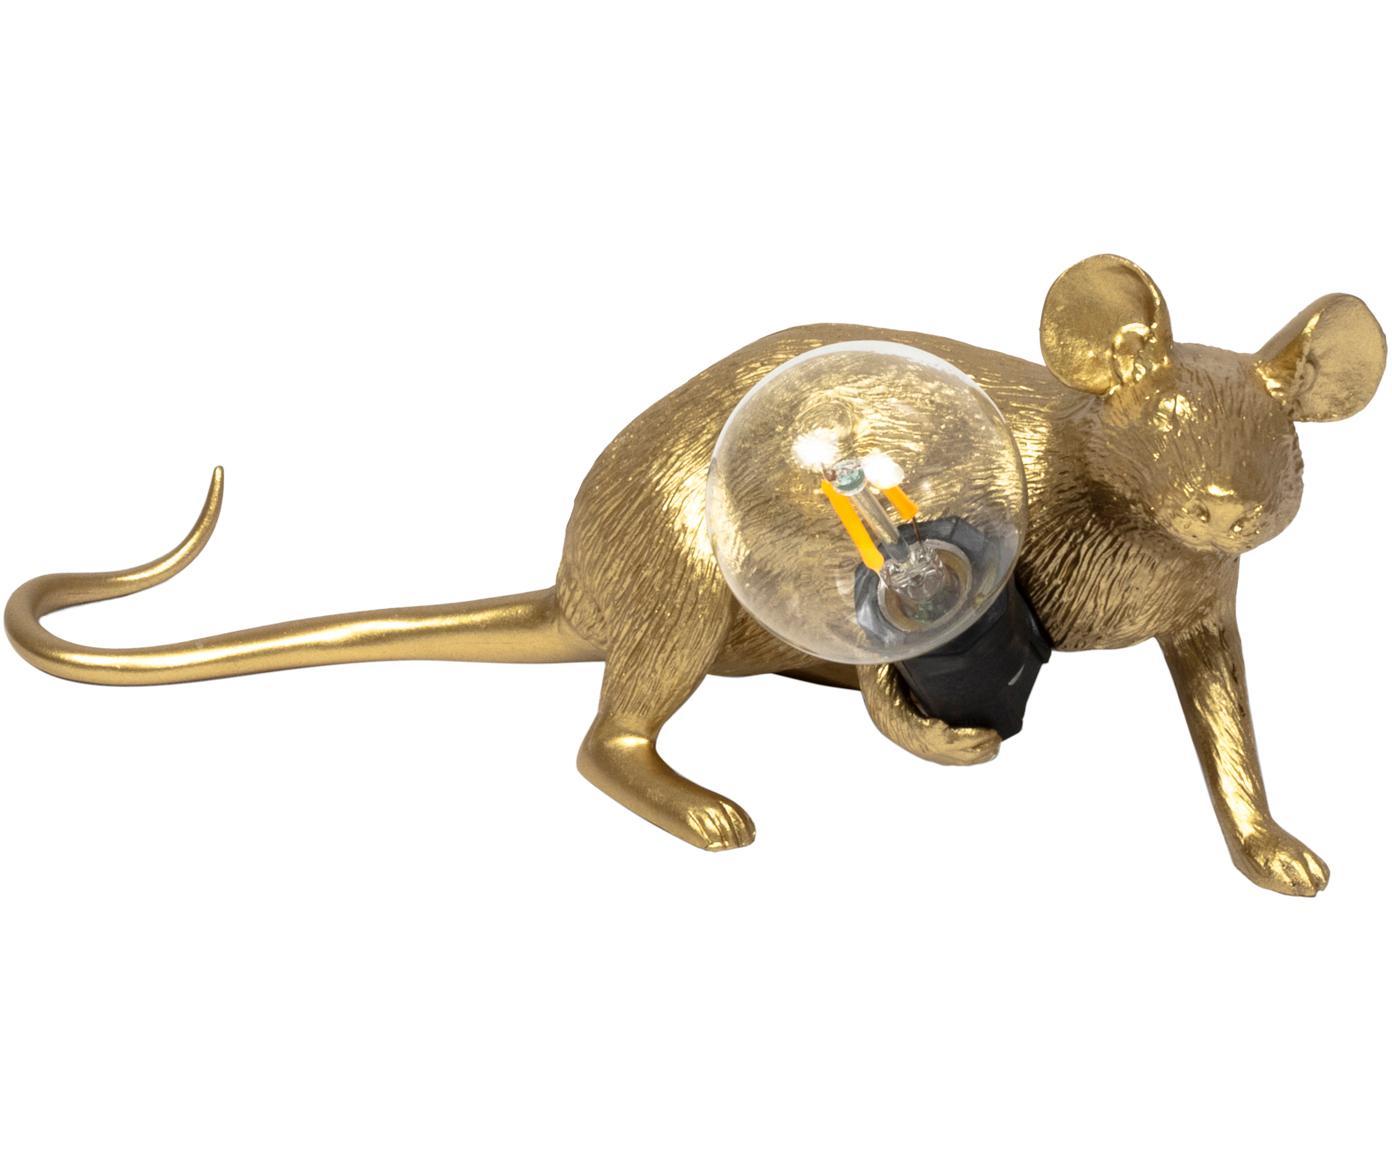 Design Tischleuchte Mouse, Goldfarben, 21 x 8 cm